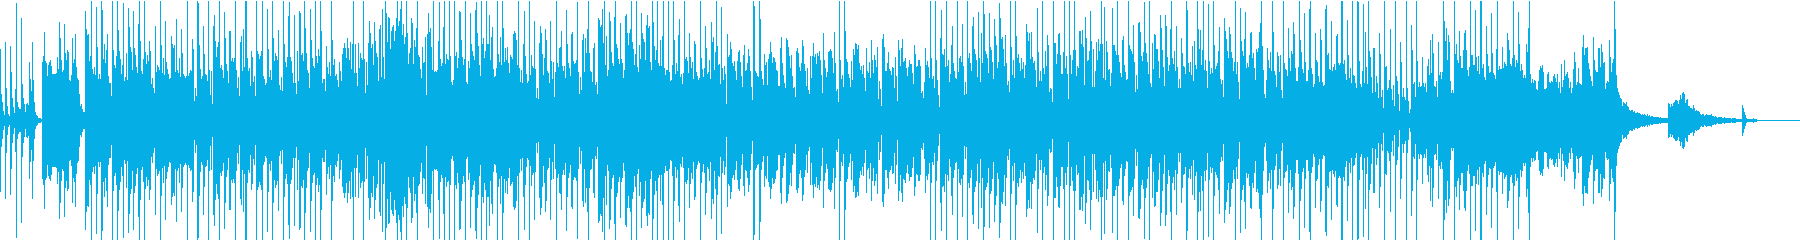 エレクトロニックファンクポップの再生済みの波形